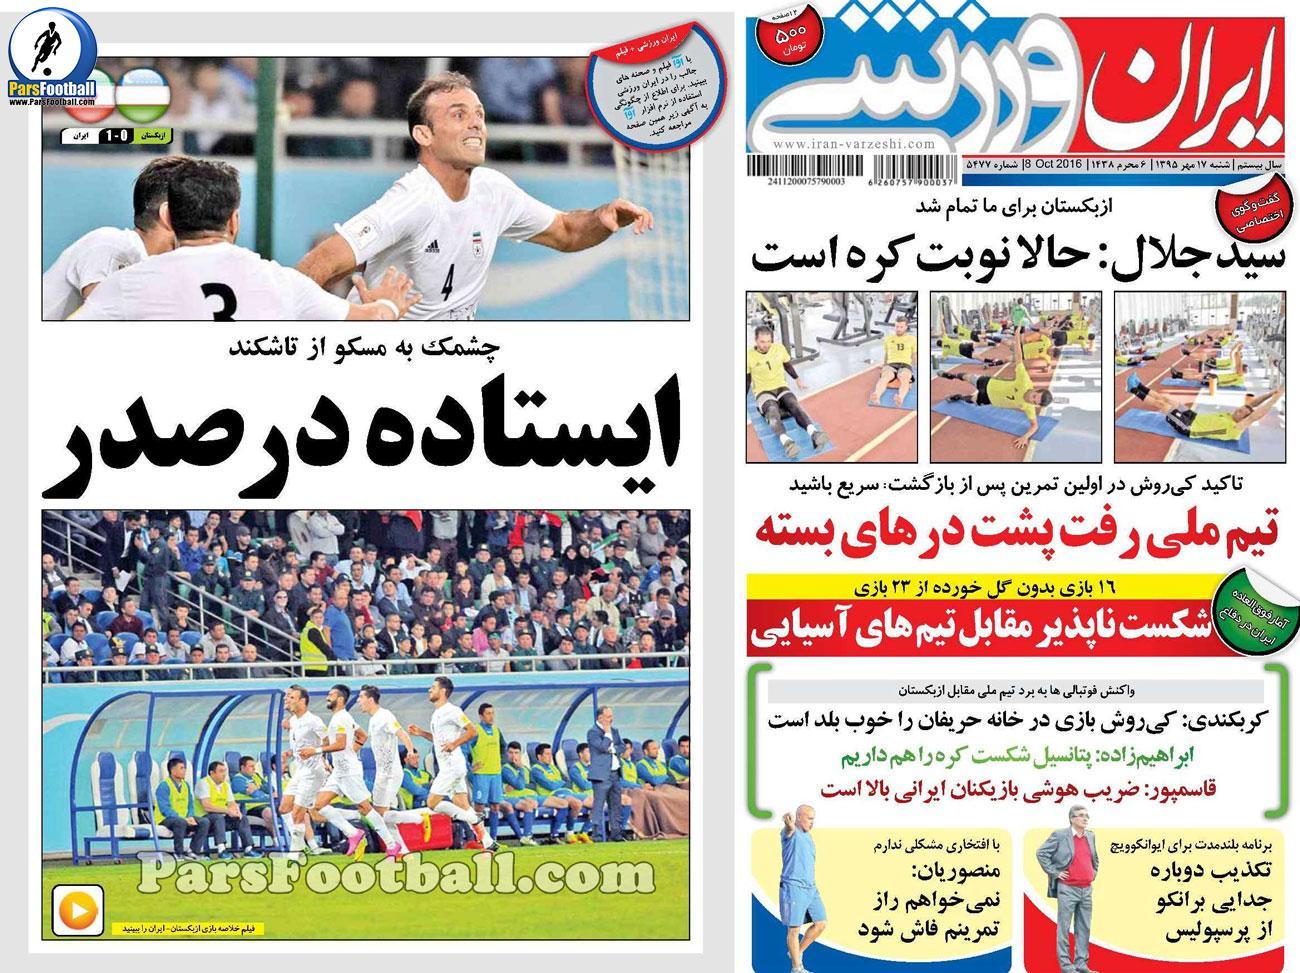 روزنامه ایران ورزشی شنبه 17 مهر 95